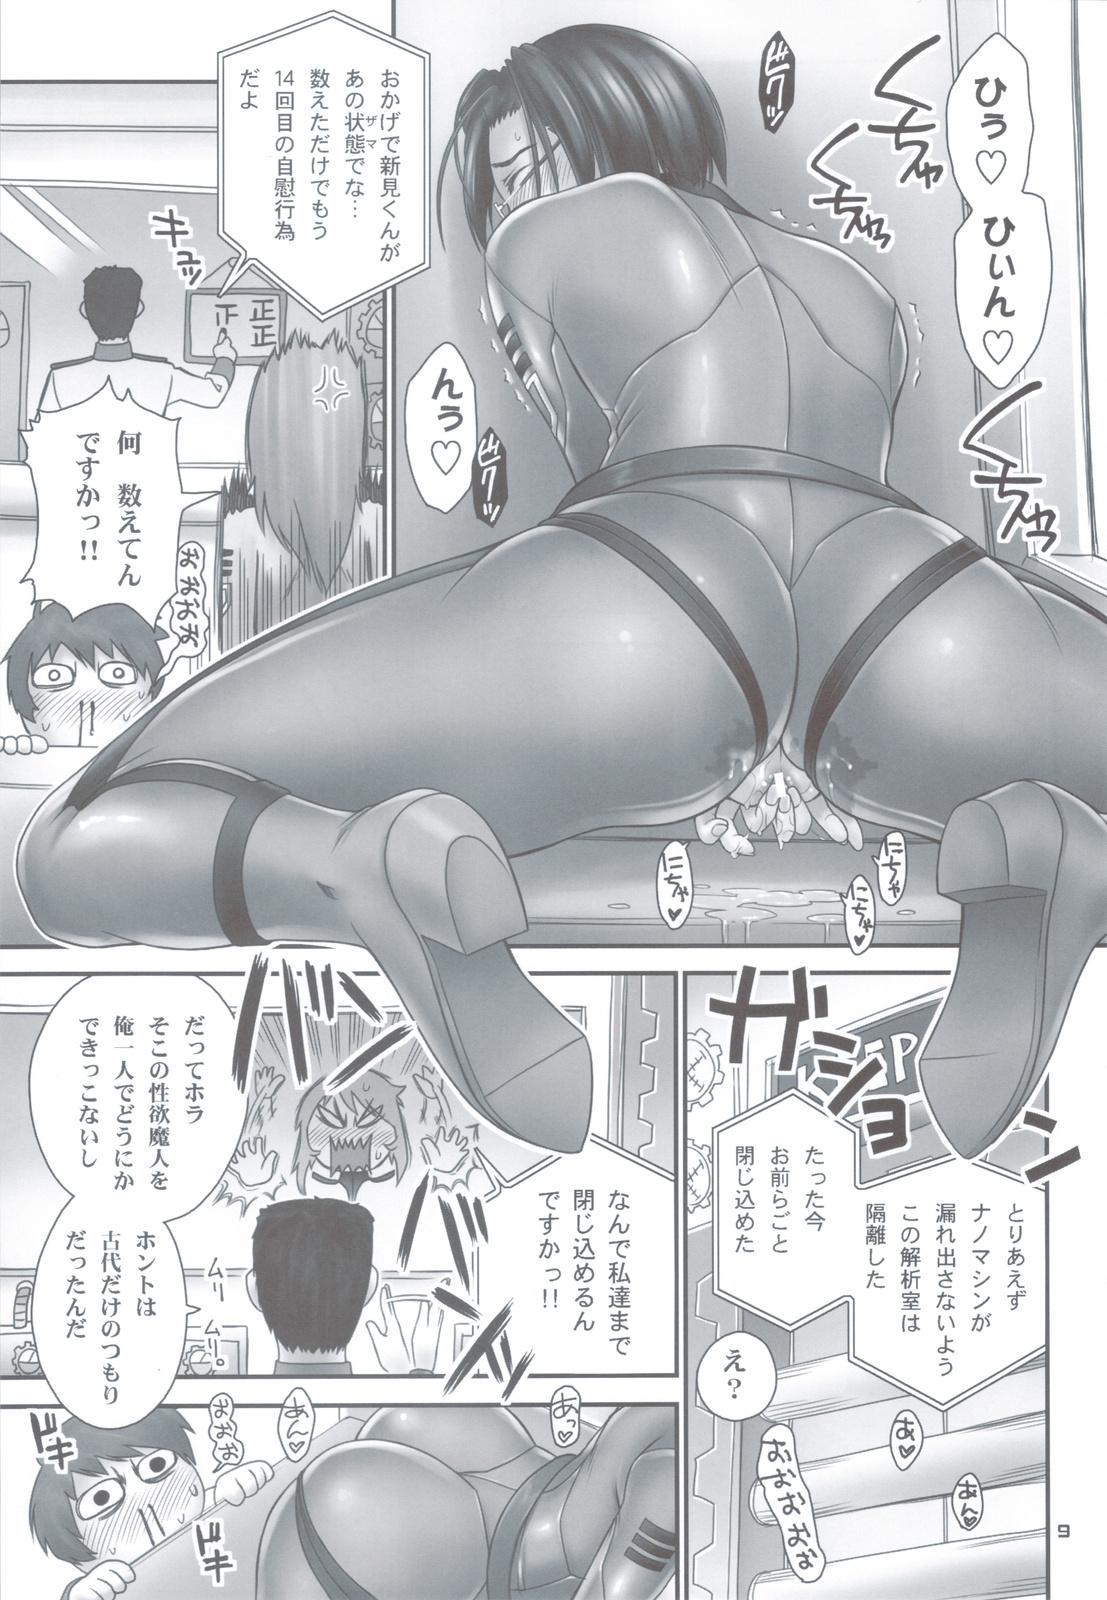 Kannaifuku ga Ki ni Natte Shikata ga Nai 2199 + Omake Bon 7